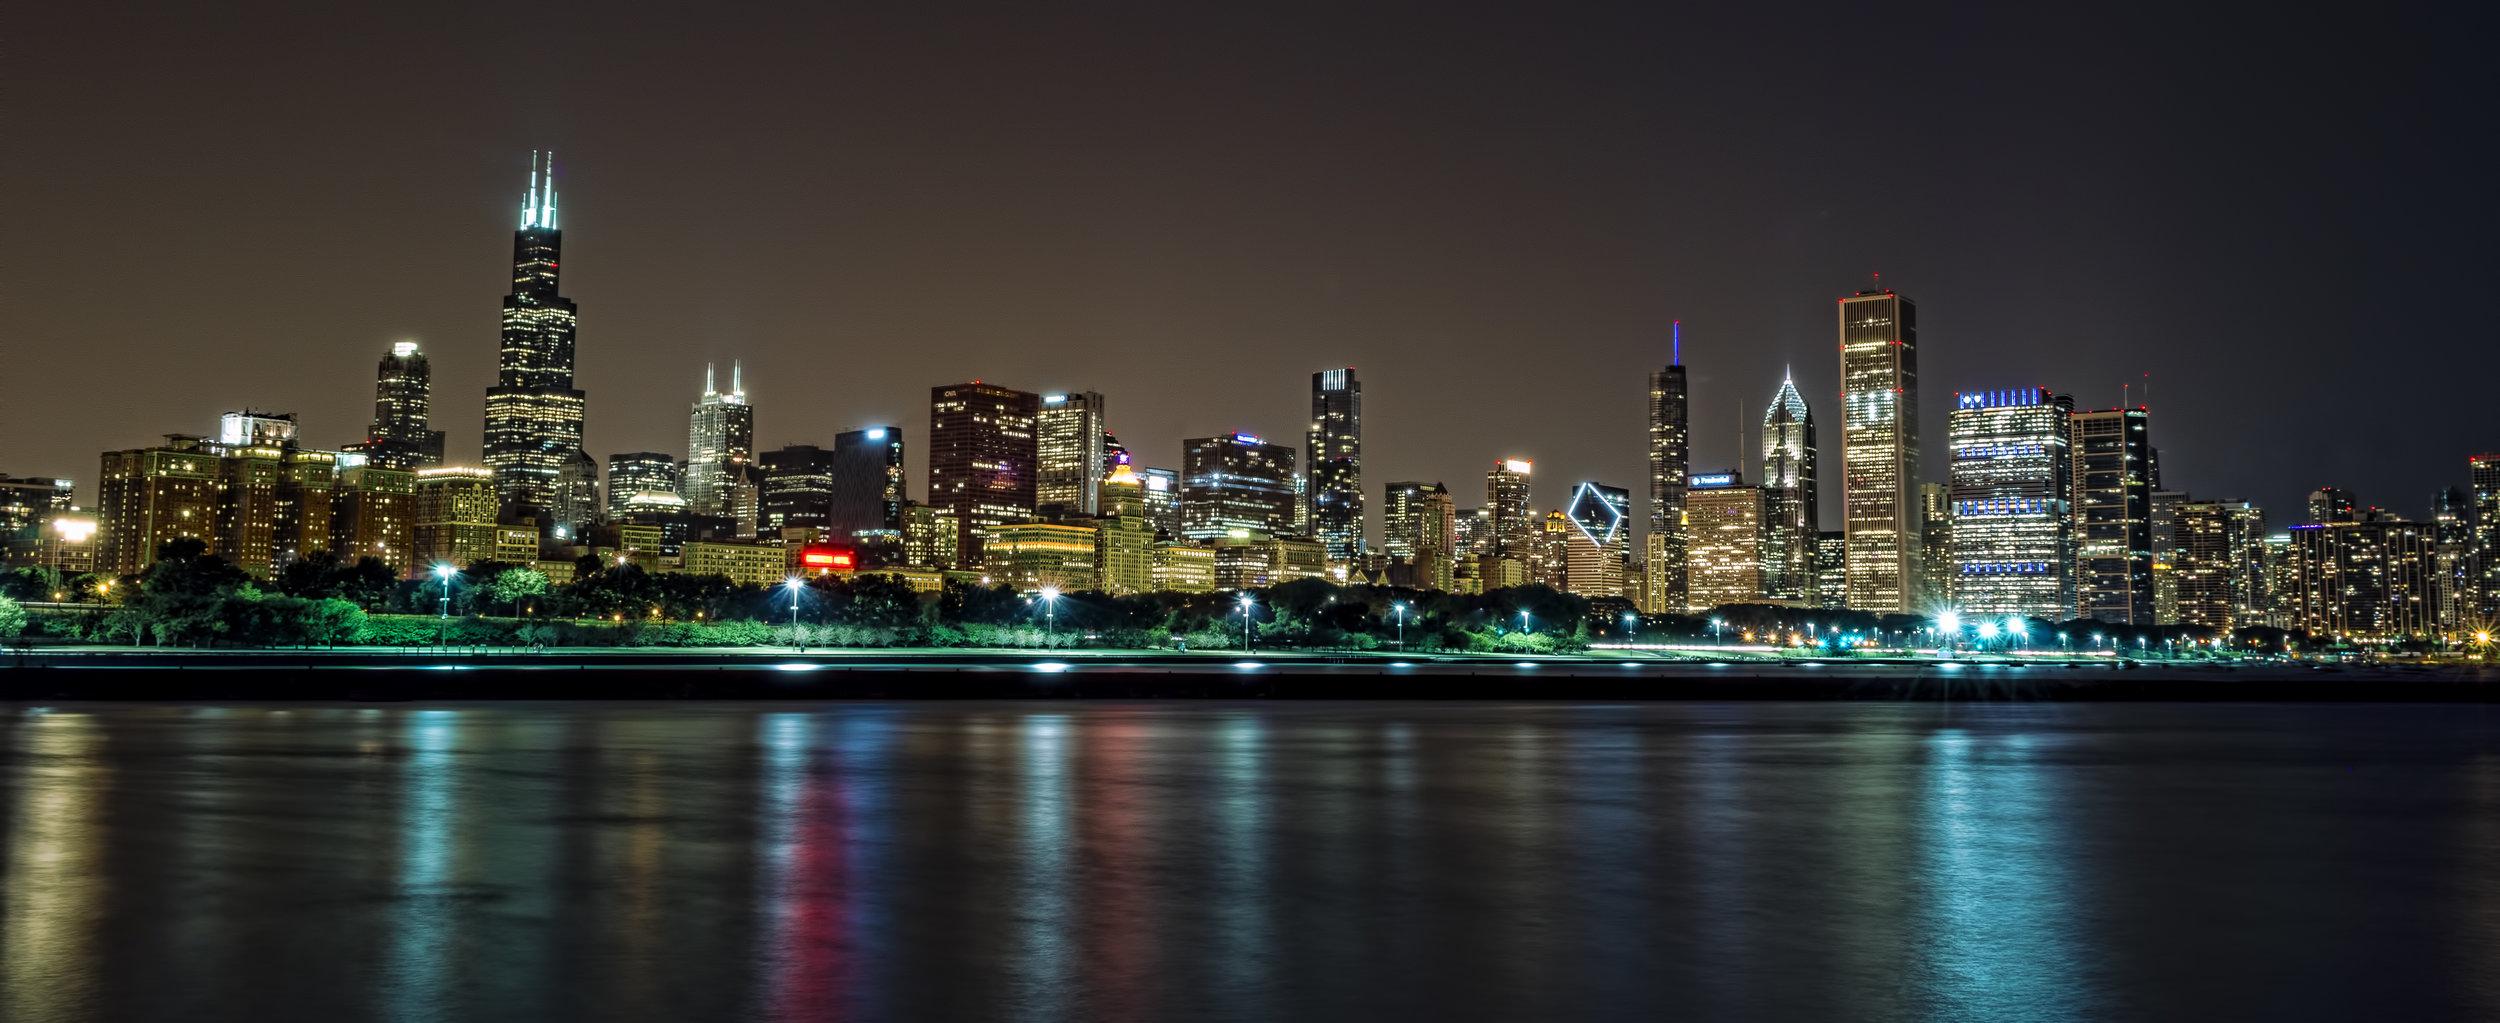 City_of_Chicago_from_Adler_Planetarium.jpg